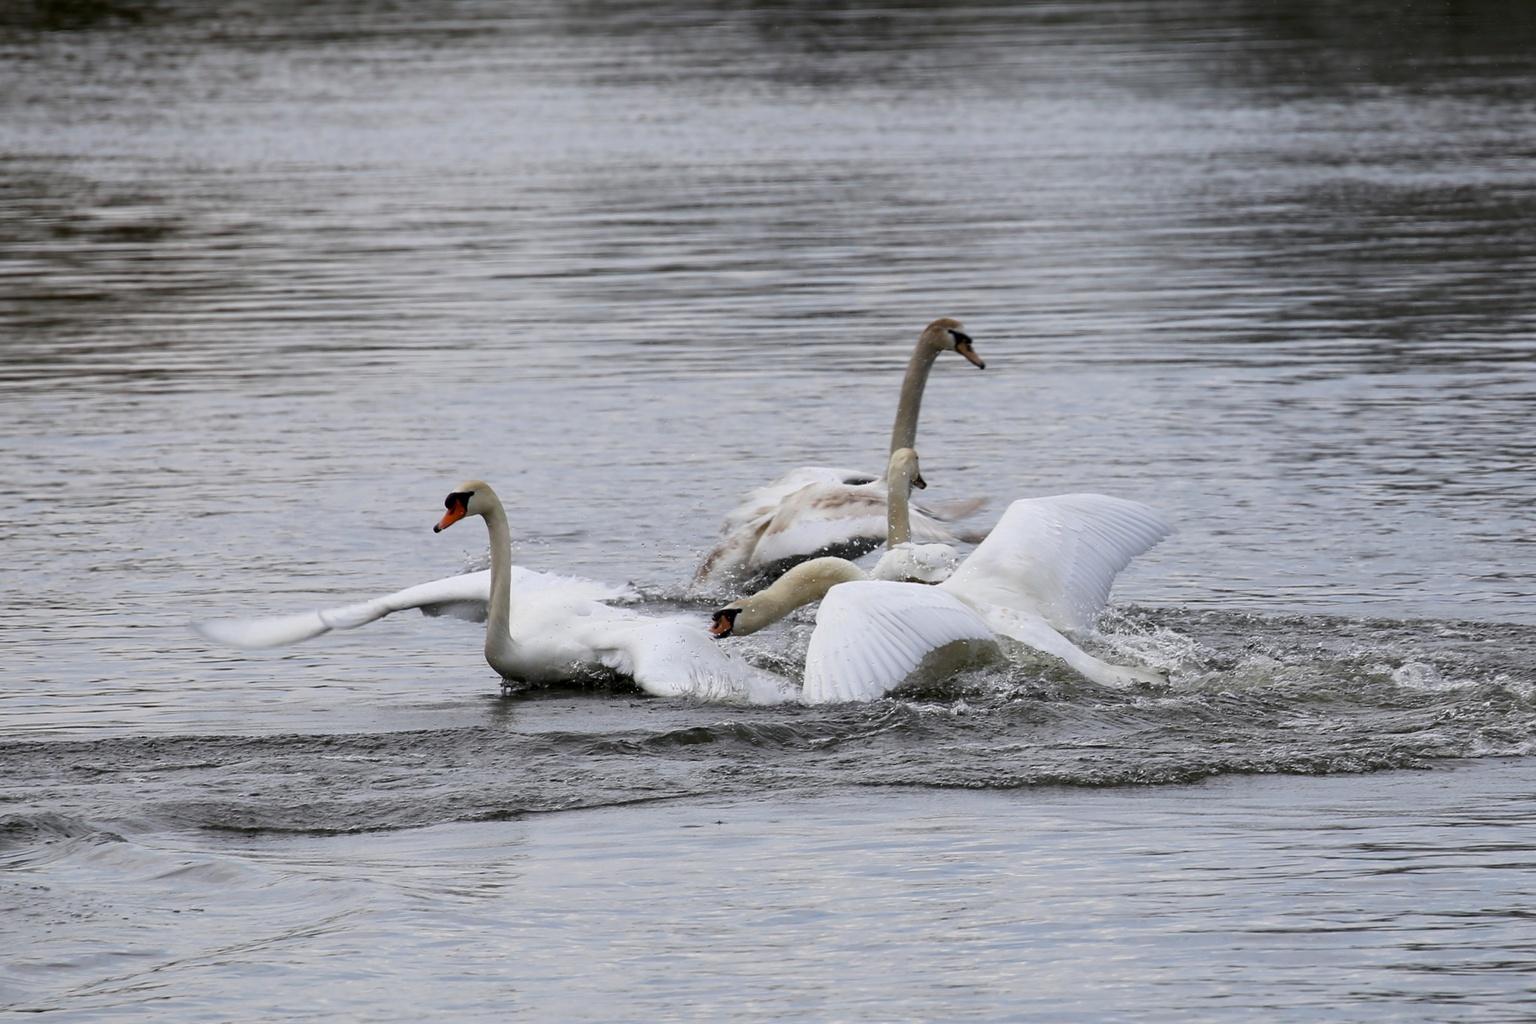 Zwanen - Concurrentie - foto door Ebben op 16-04-2021 - deze foto bevat: water, vogel, bek, meer, nek, watervogels, eenden, ganzen en zwanen, natuurlijk landschap, veer, fabriek